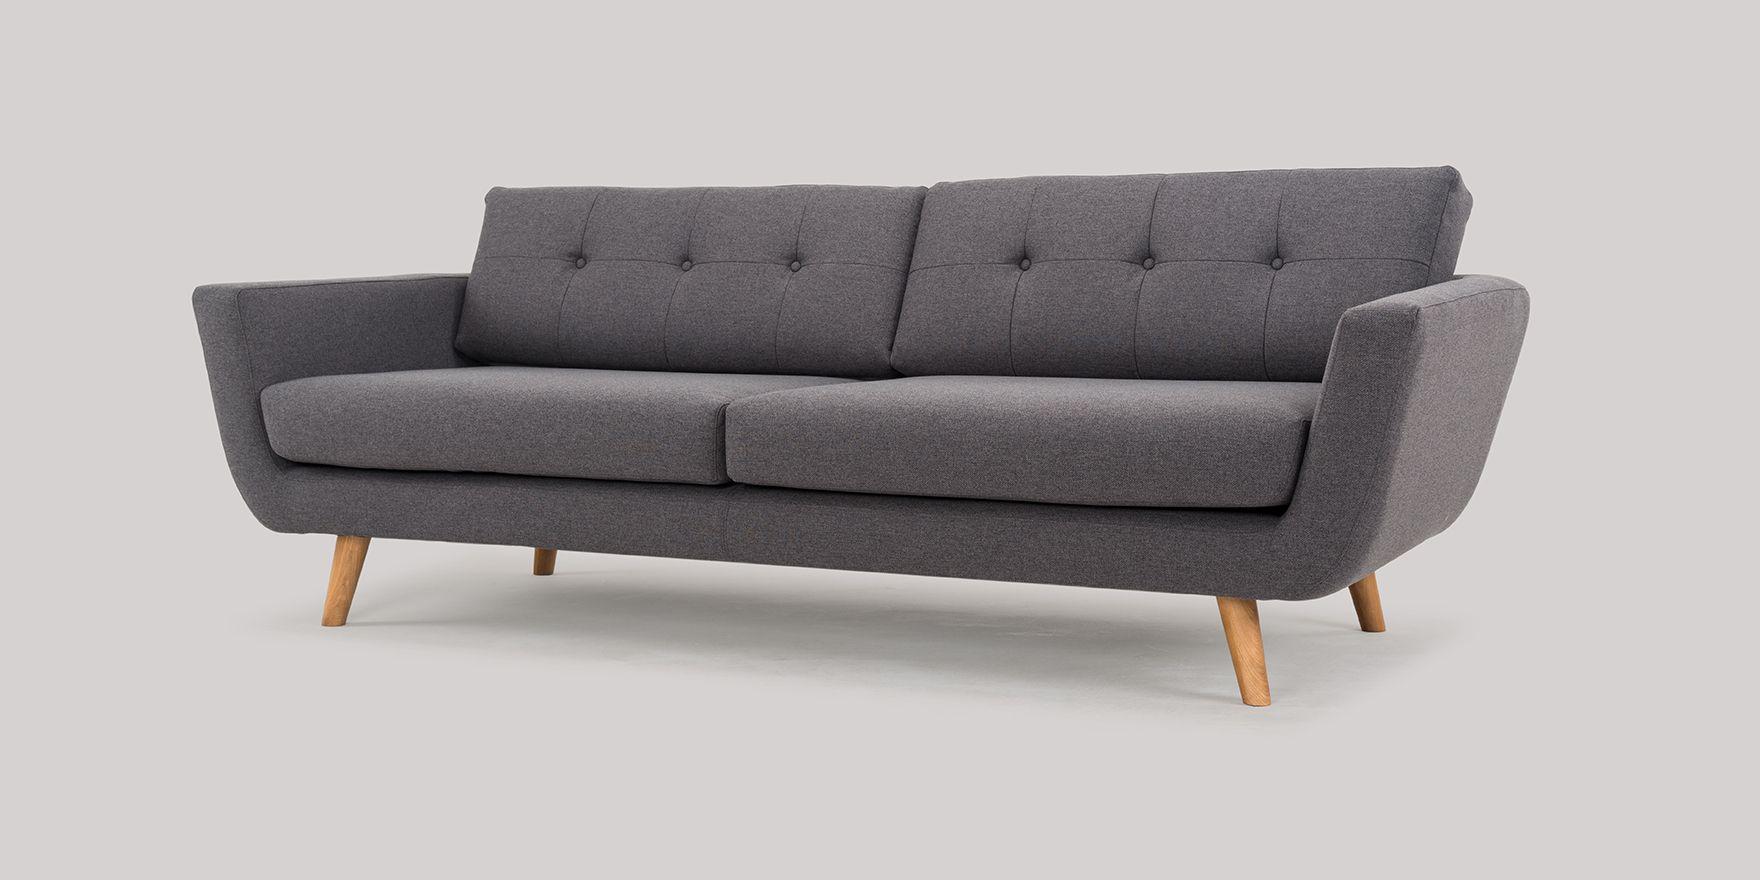 Full Size of 3 Sitzer Sofa Mit Schlaffunktion Poco Ikea Couch Relaxfunktion Und 2 Sessel Bettfunktion Nockeby Vera Triff Dich Auf Diesem Schnen Boxspring Koinor Grau Sofa 3 Sitzer Sofa